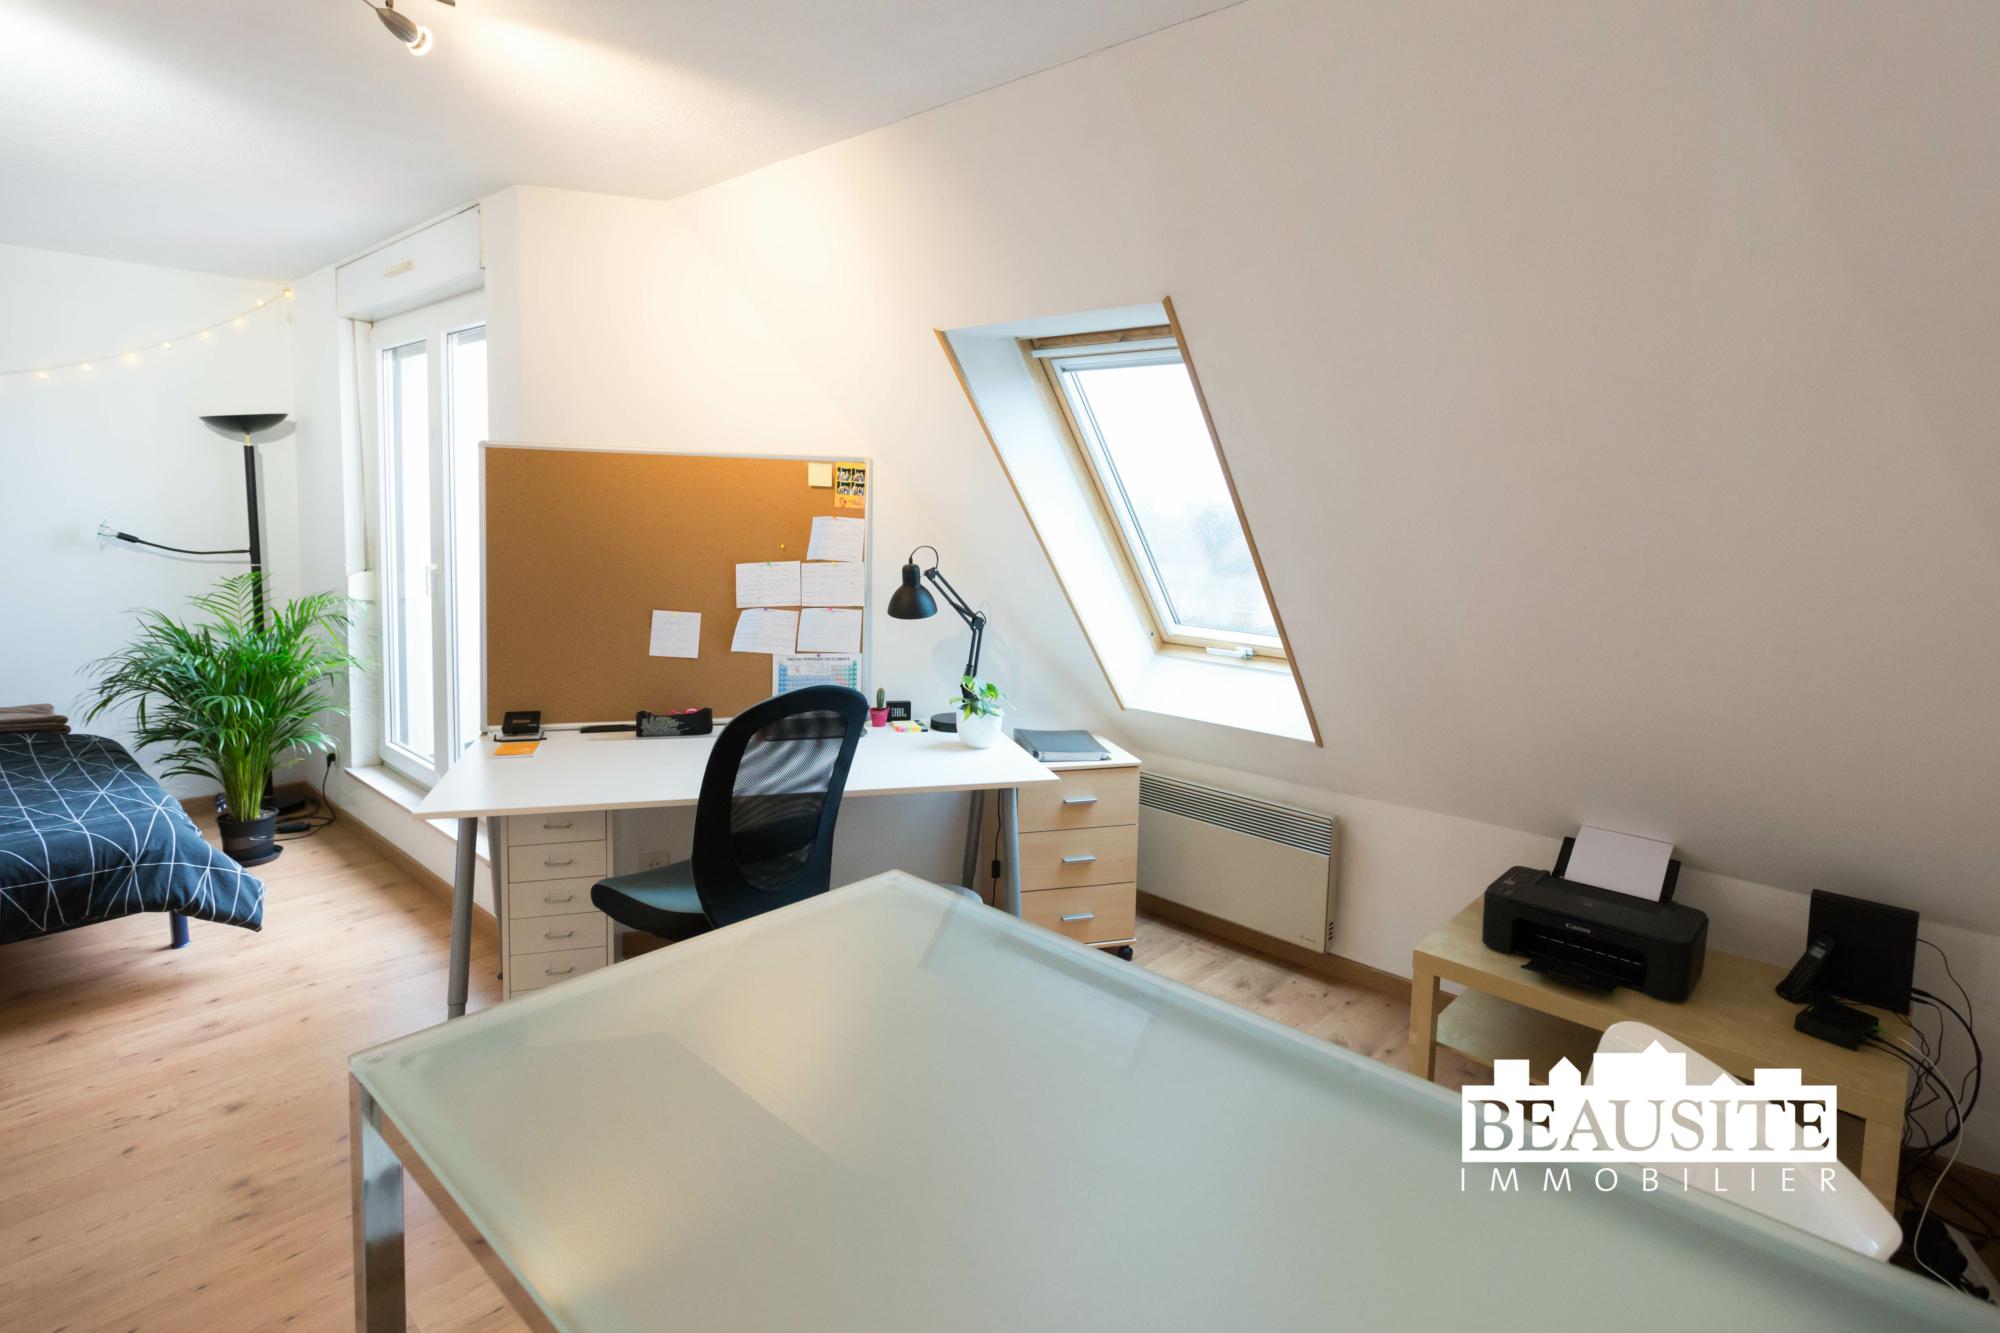 [Everest] Un studio au top en face du Lycée Kléber ! - nos ventes - Beausite Immobilier 5